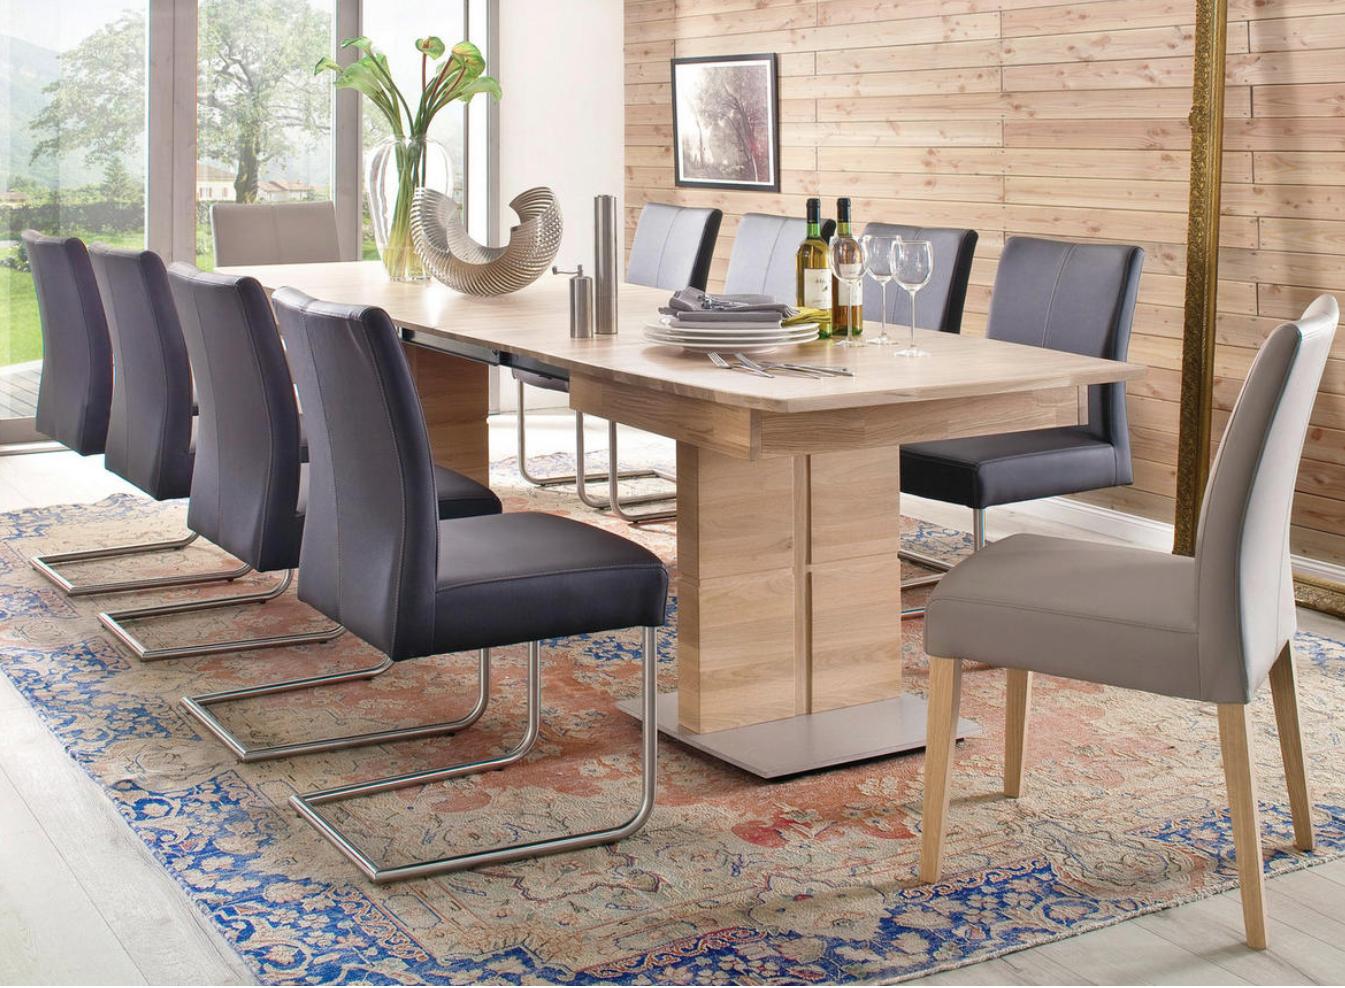 Stuhl In Holz Textil Schlammfarben Eichefarben In 2020 Esszimmerstuhle Holz Esszimmerstuhle Esstisch Stuhle